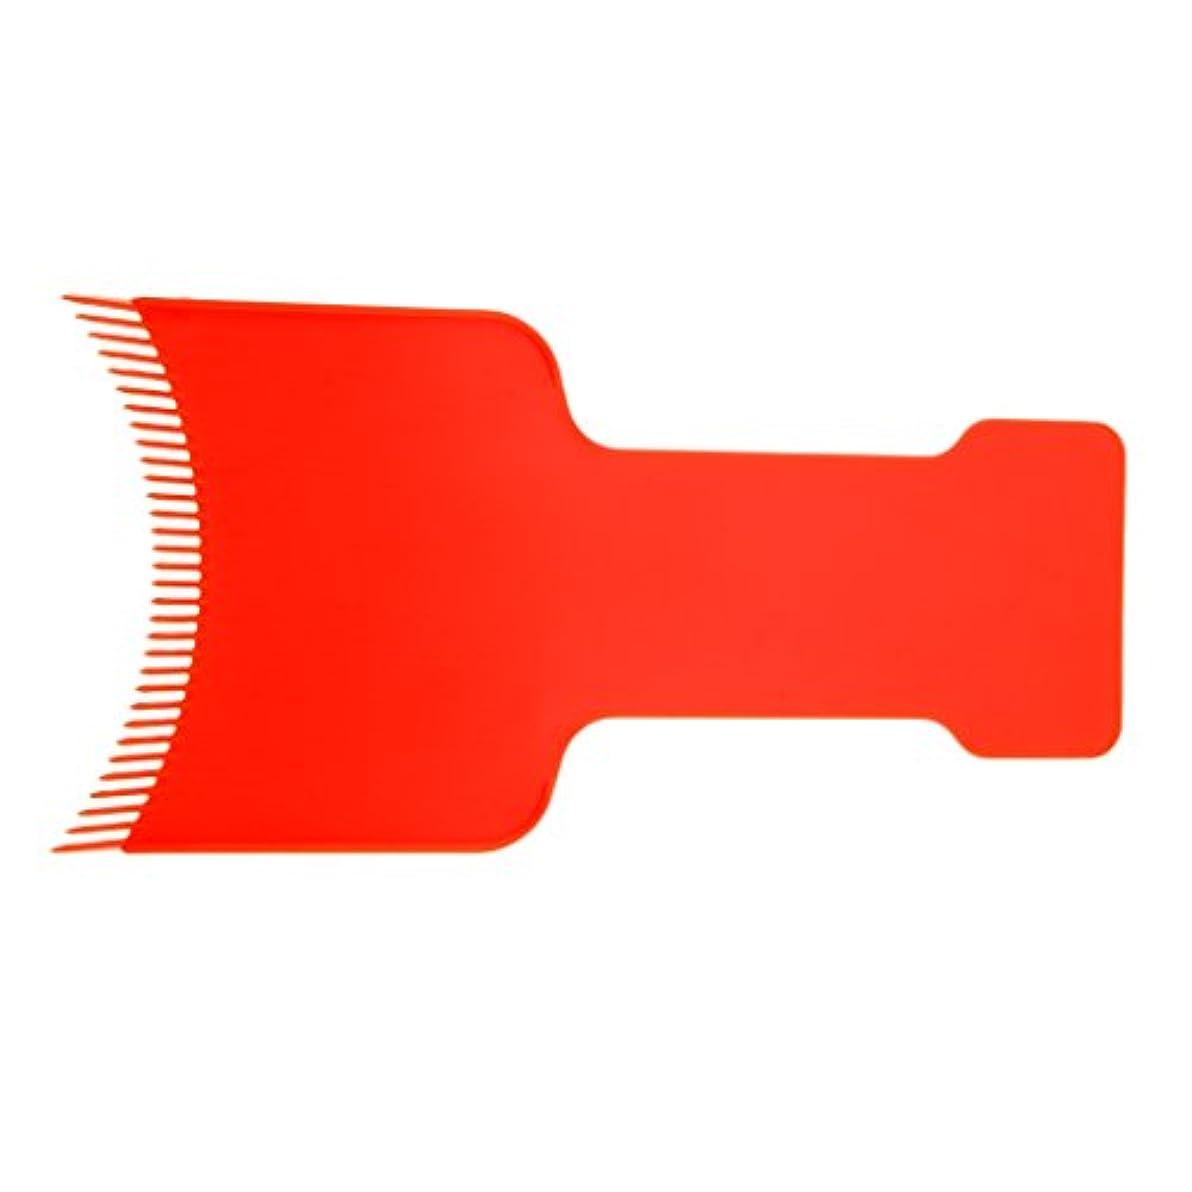 勘違いする年次ジーンズToygogo サロンヘアカラーボード|染毛剤プレート|理髪理髪ヘアカラーボード19x9.5 Cm